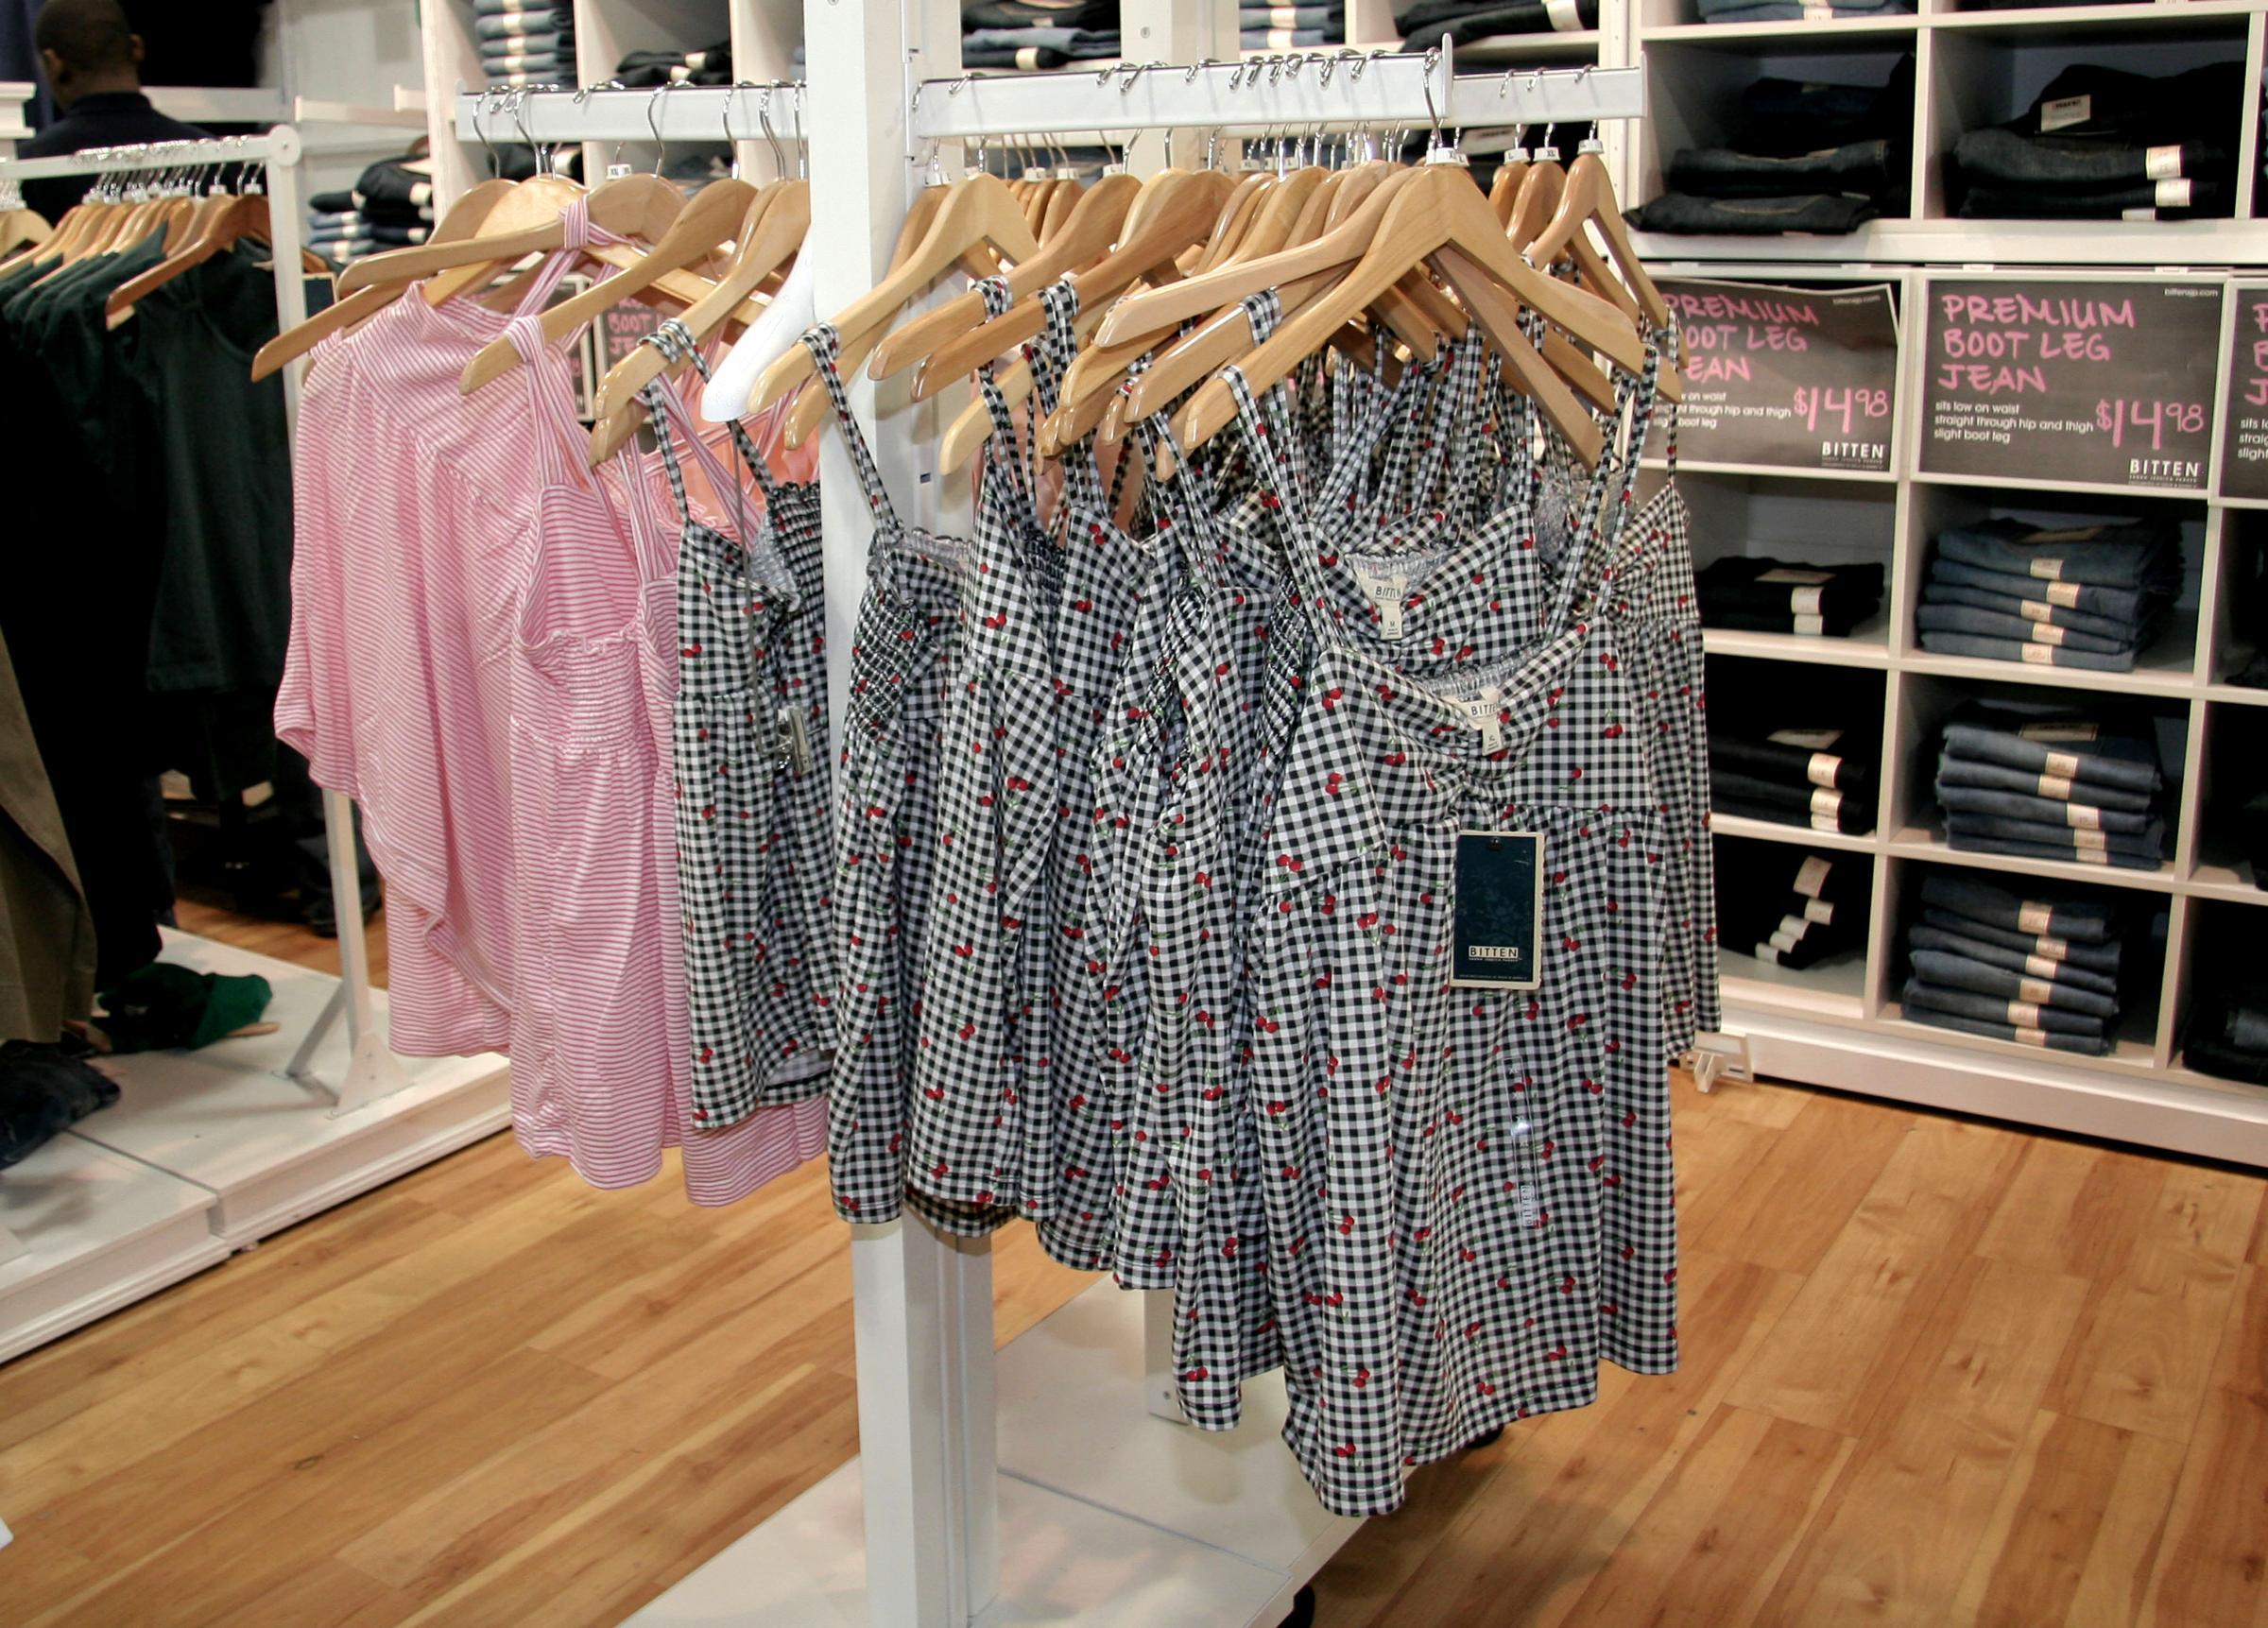 Lavare i vestiti nuovi prima di indossarli: un obbligo!